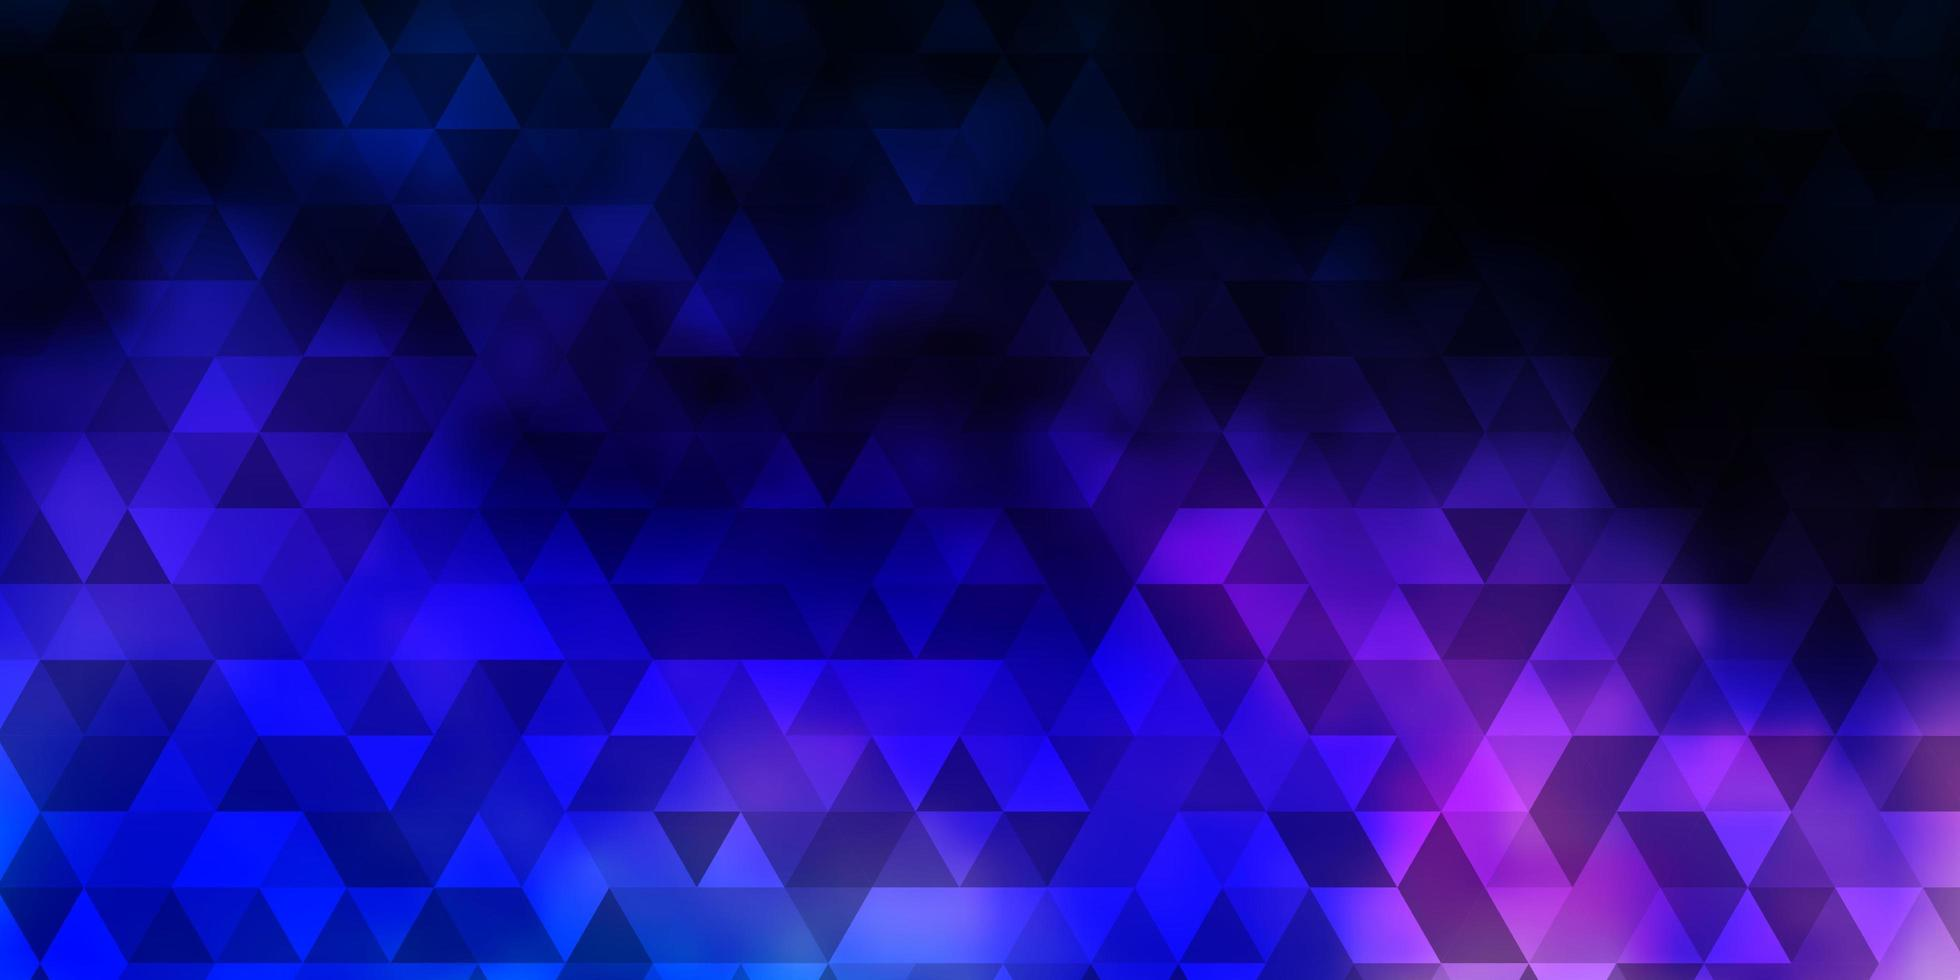 pano de fundo vector rosa escuro, azul com linhas, triângulos.